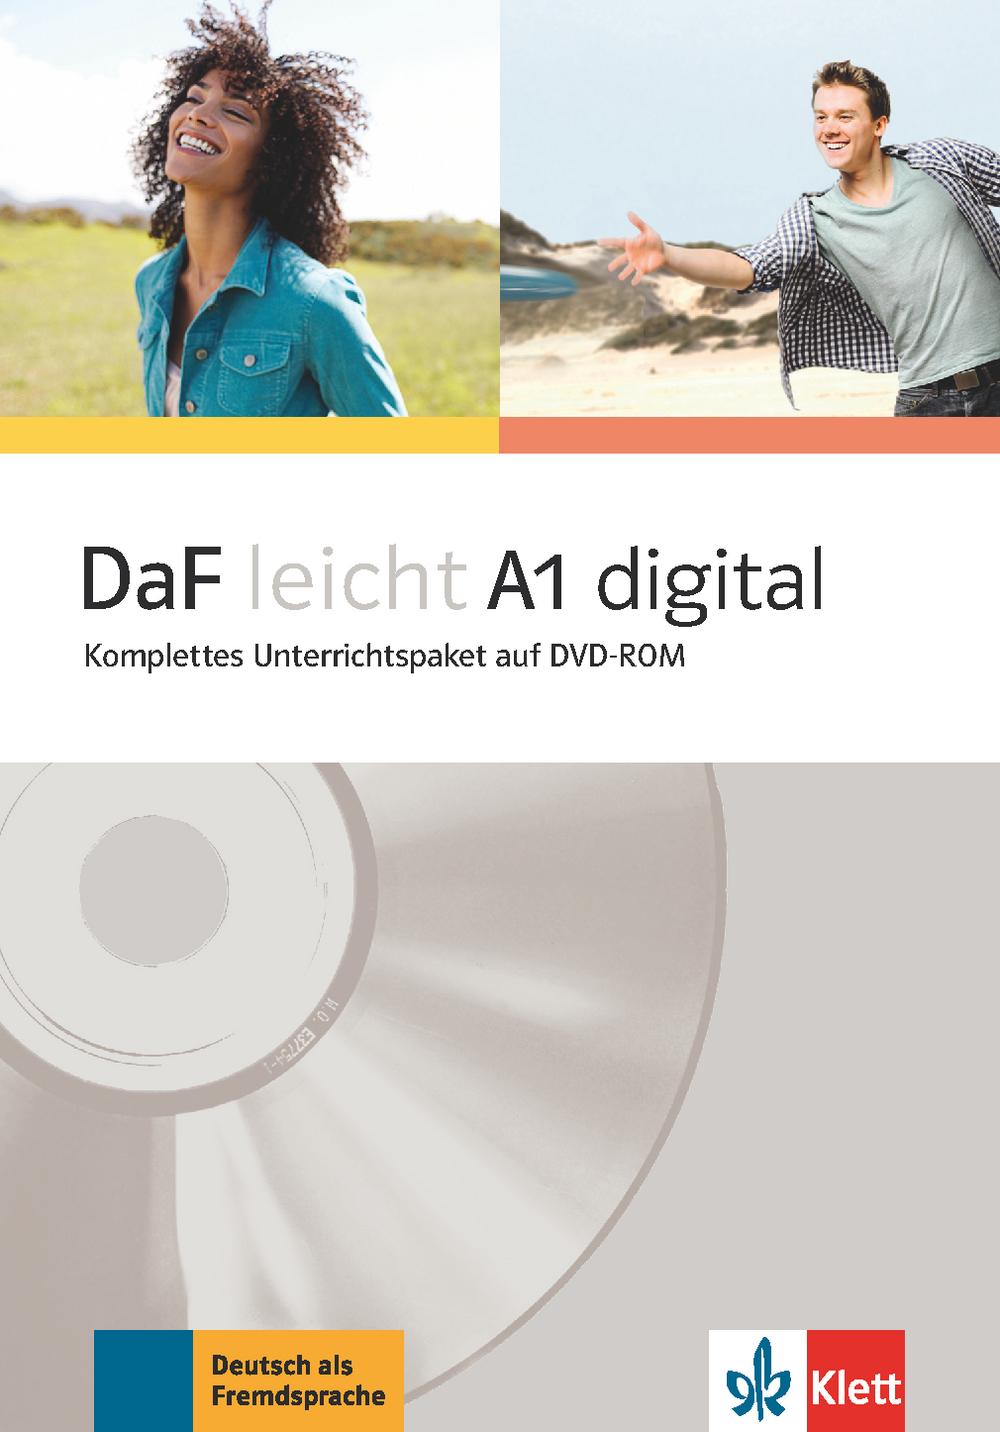 DaF leicht A1 digital